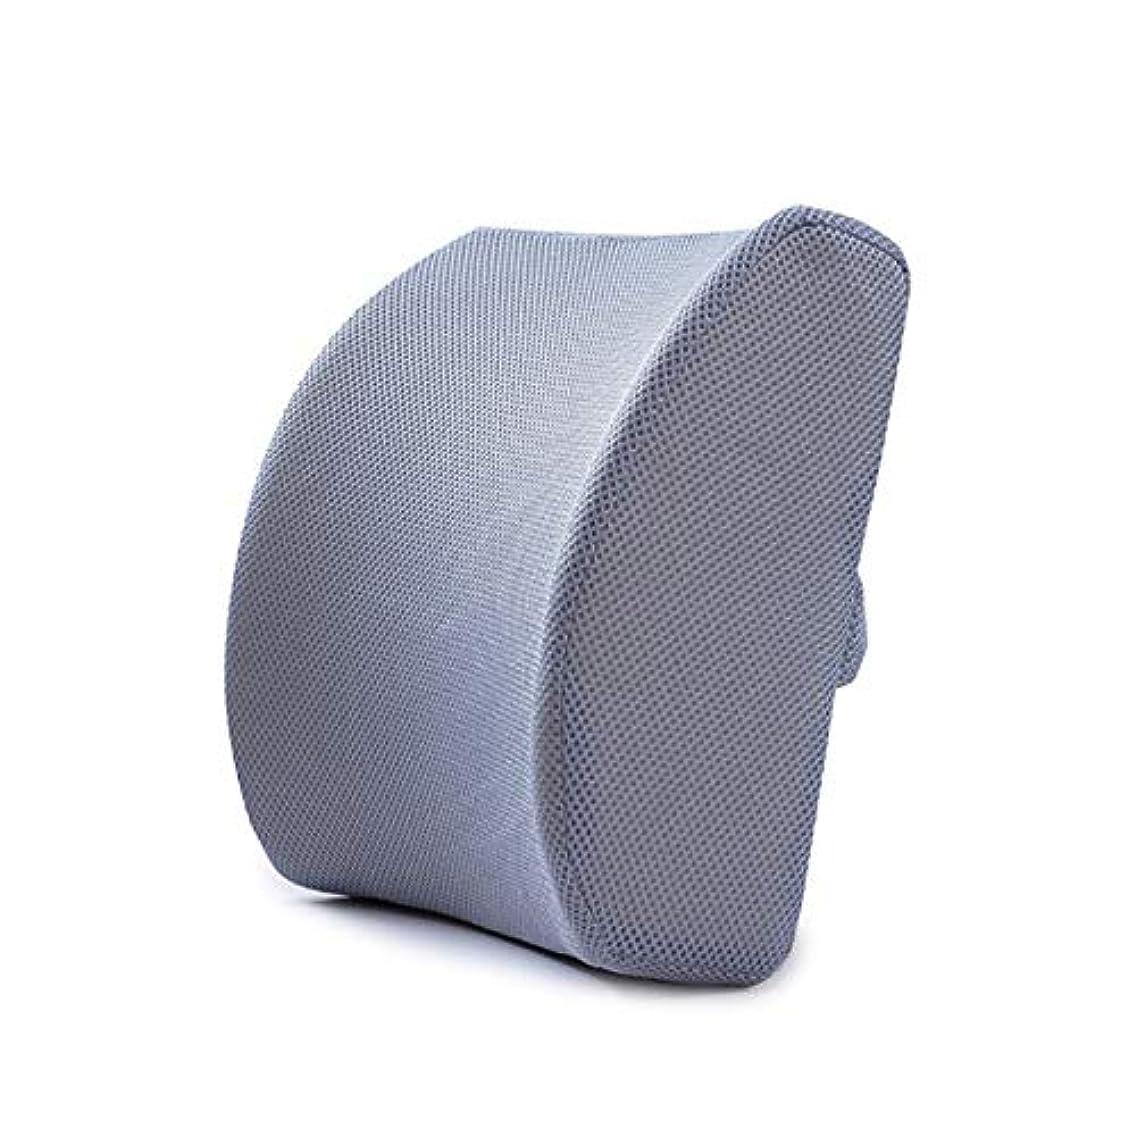 政治家のアクチュエータドラゴンLIFE ホームオフィス背もたれ椅子腰椎クッションカーシートネック枕 3D 低反発サポートバックマッサージウエストレスリビング枕 クッション 椅子